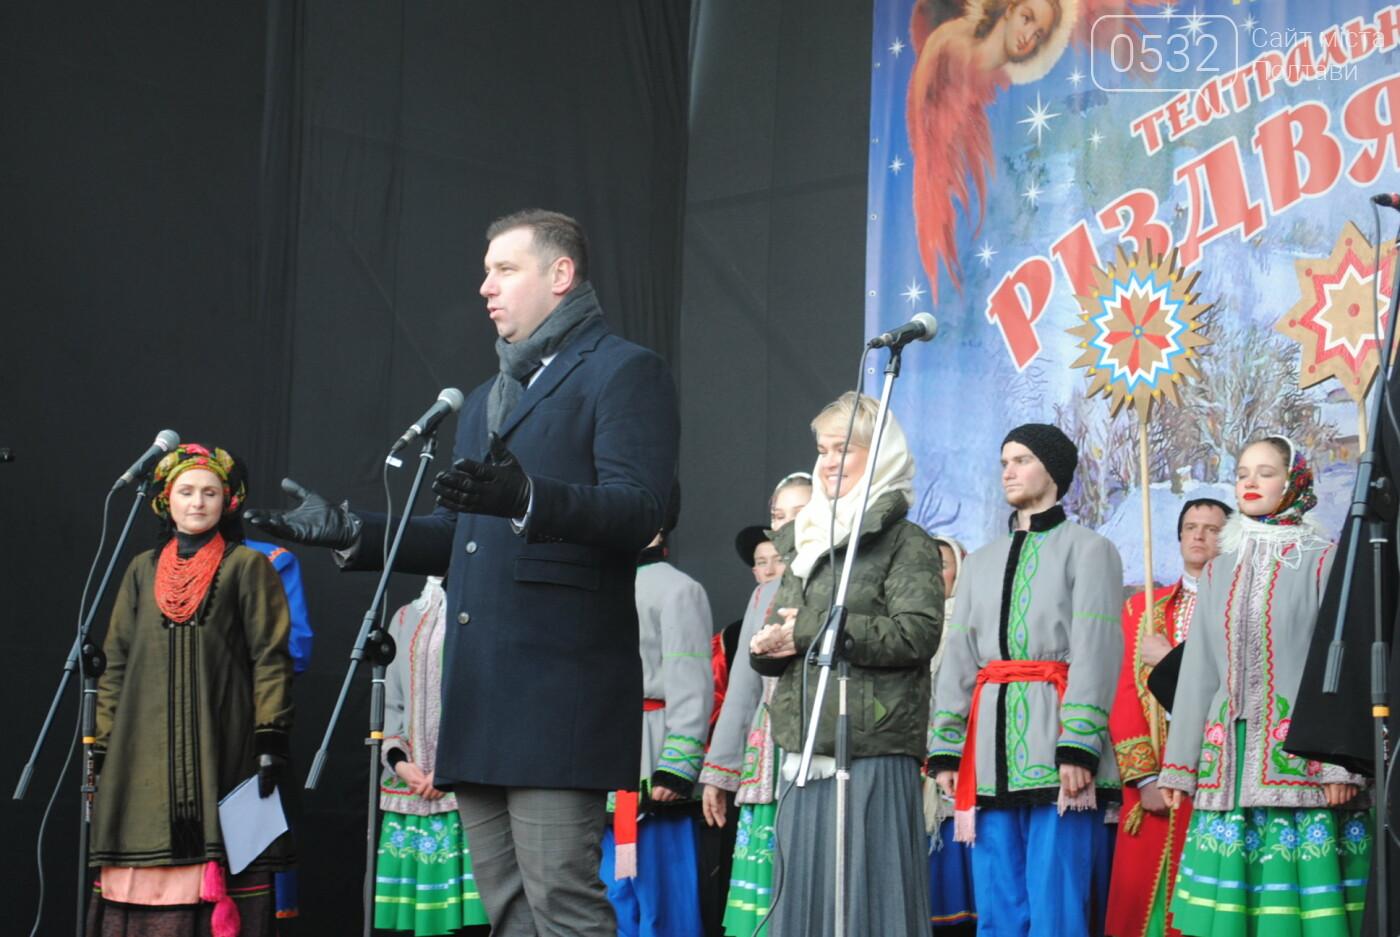 У Полтаві розгорнулося вертепне дійство з колядками та щедрівками «Різдвяна феєрія» (ФОТО), фото-34